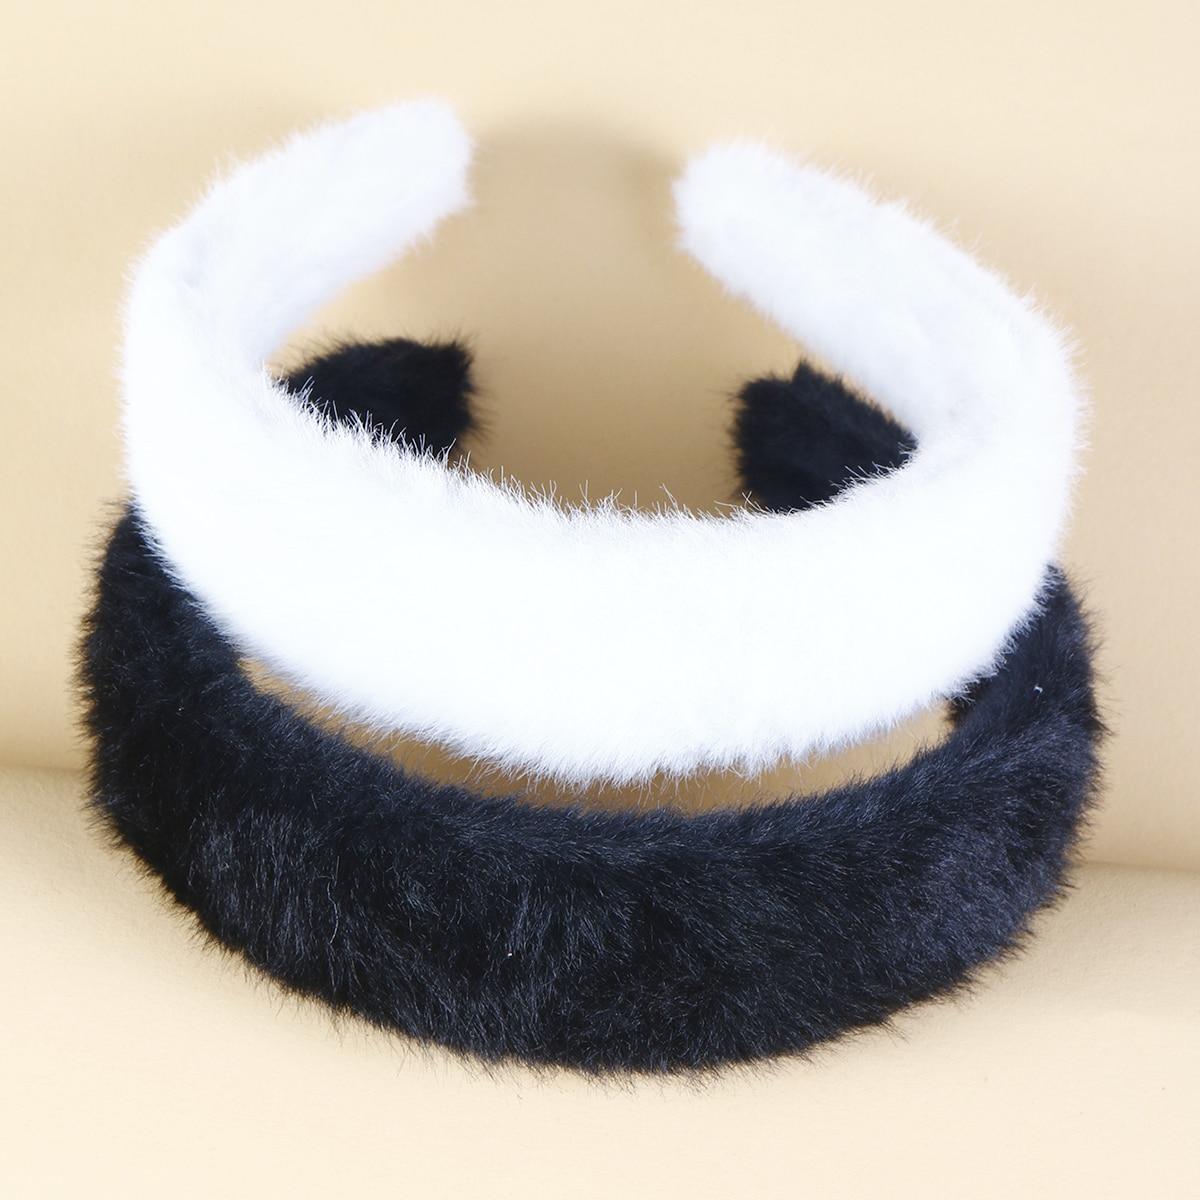 2pcs Solid Fuzzy Headband